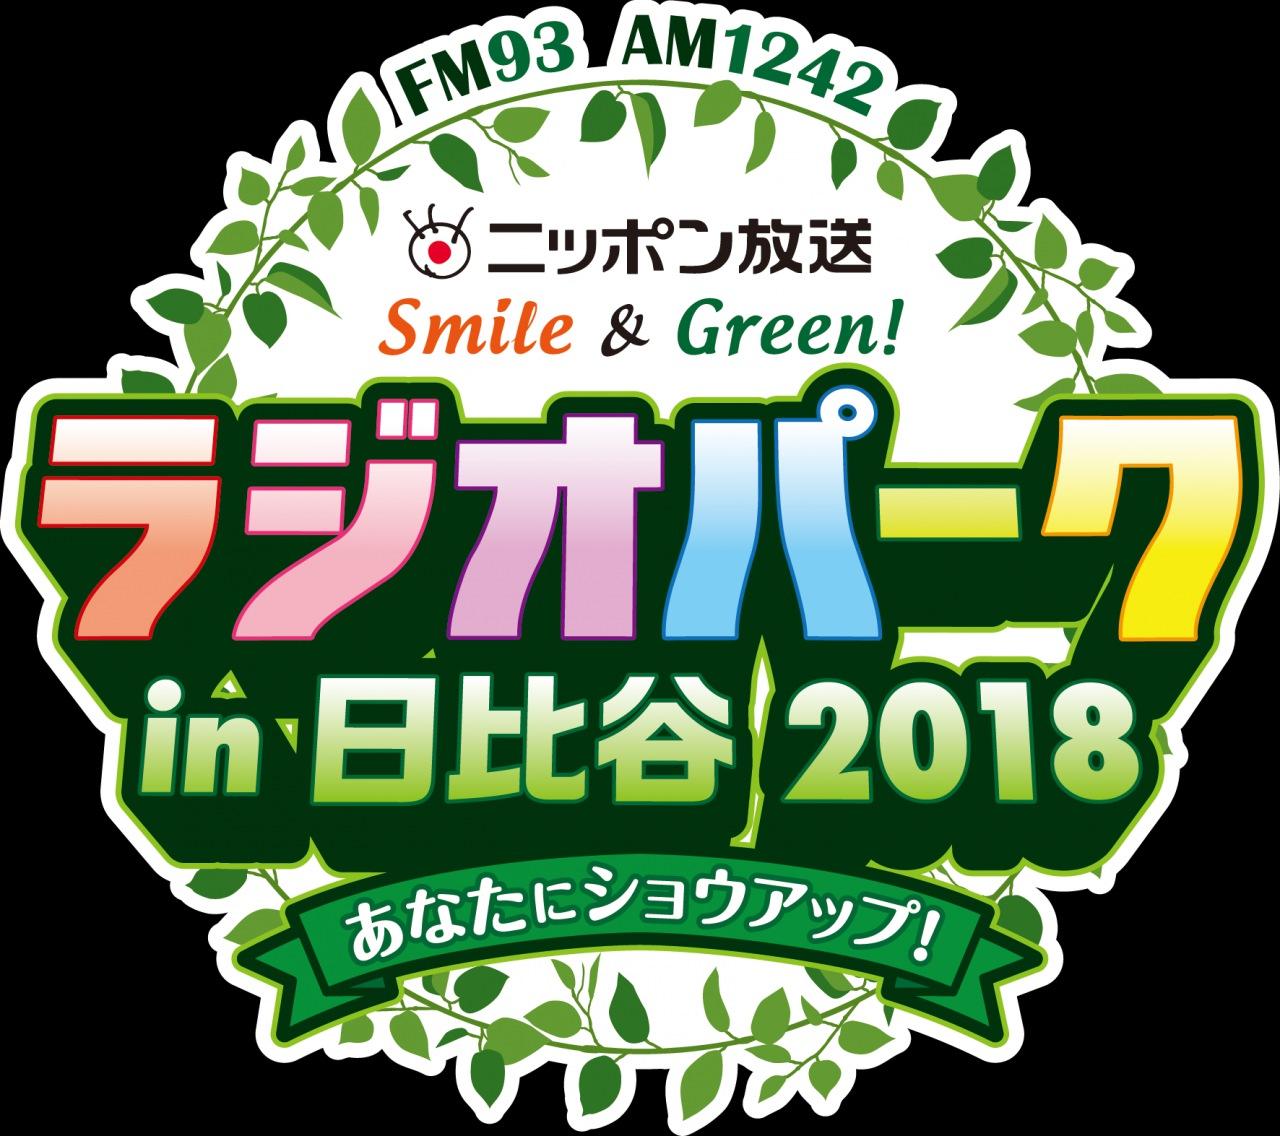 ニッポン放送『ラジオパーク in 日比谷』4月29日/30日に開催 テーマソングはChuning Candy